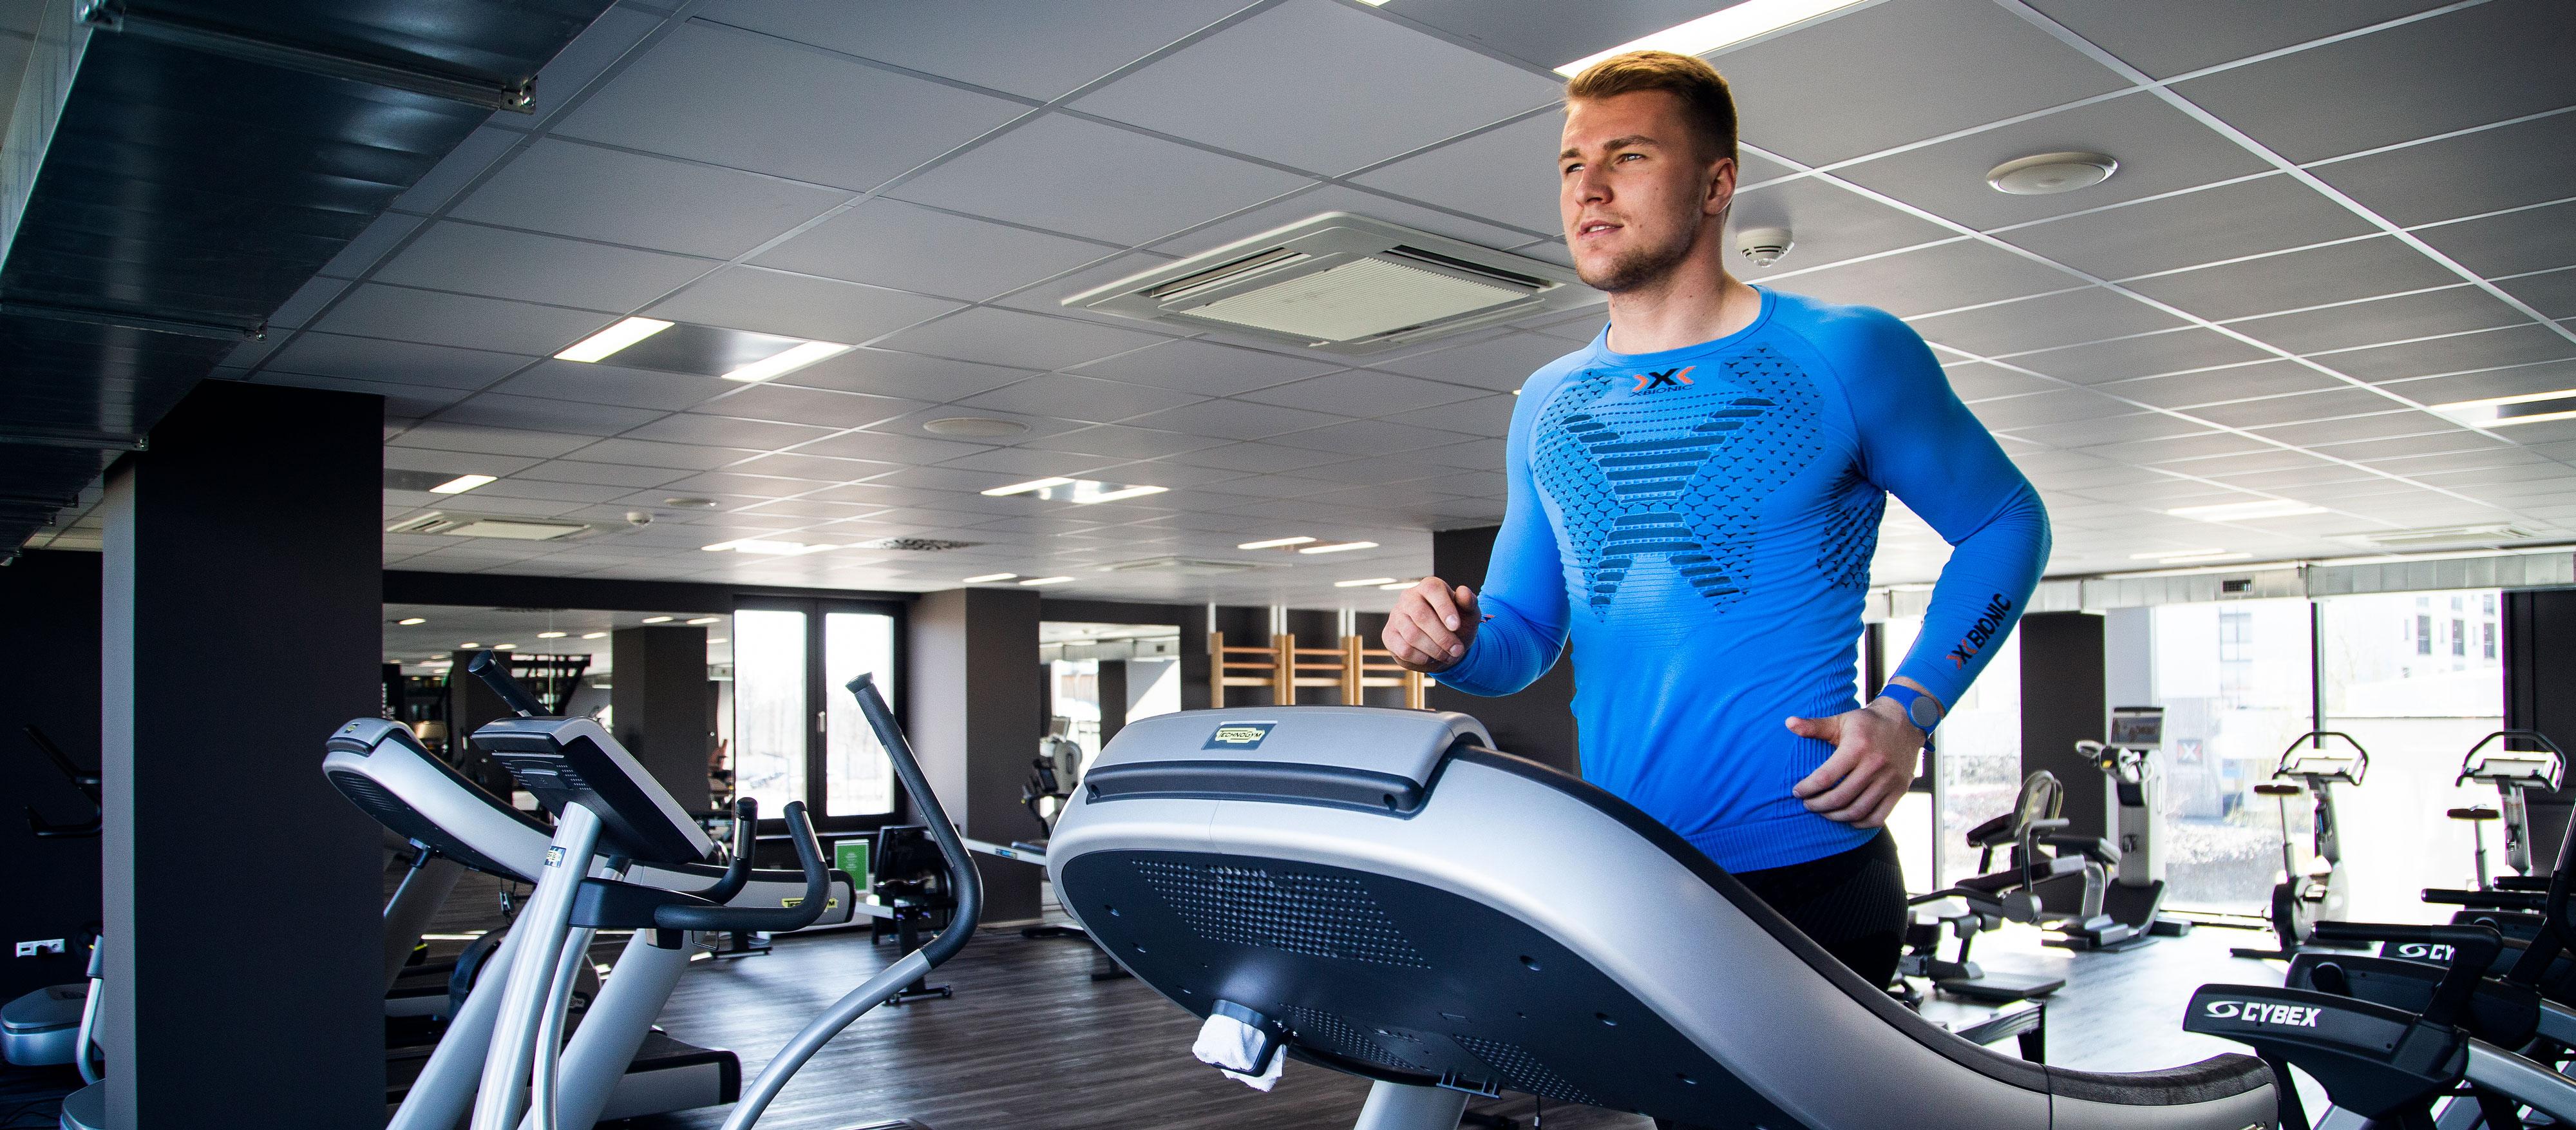 Najväčšie fitness centrum Gym v x-bionic sphere